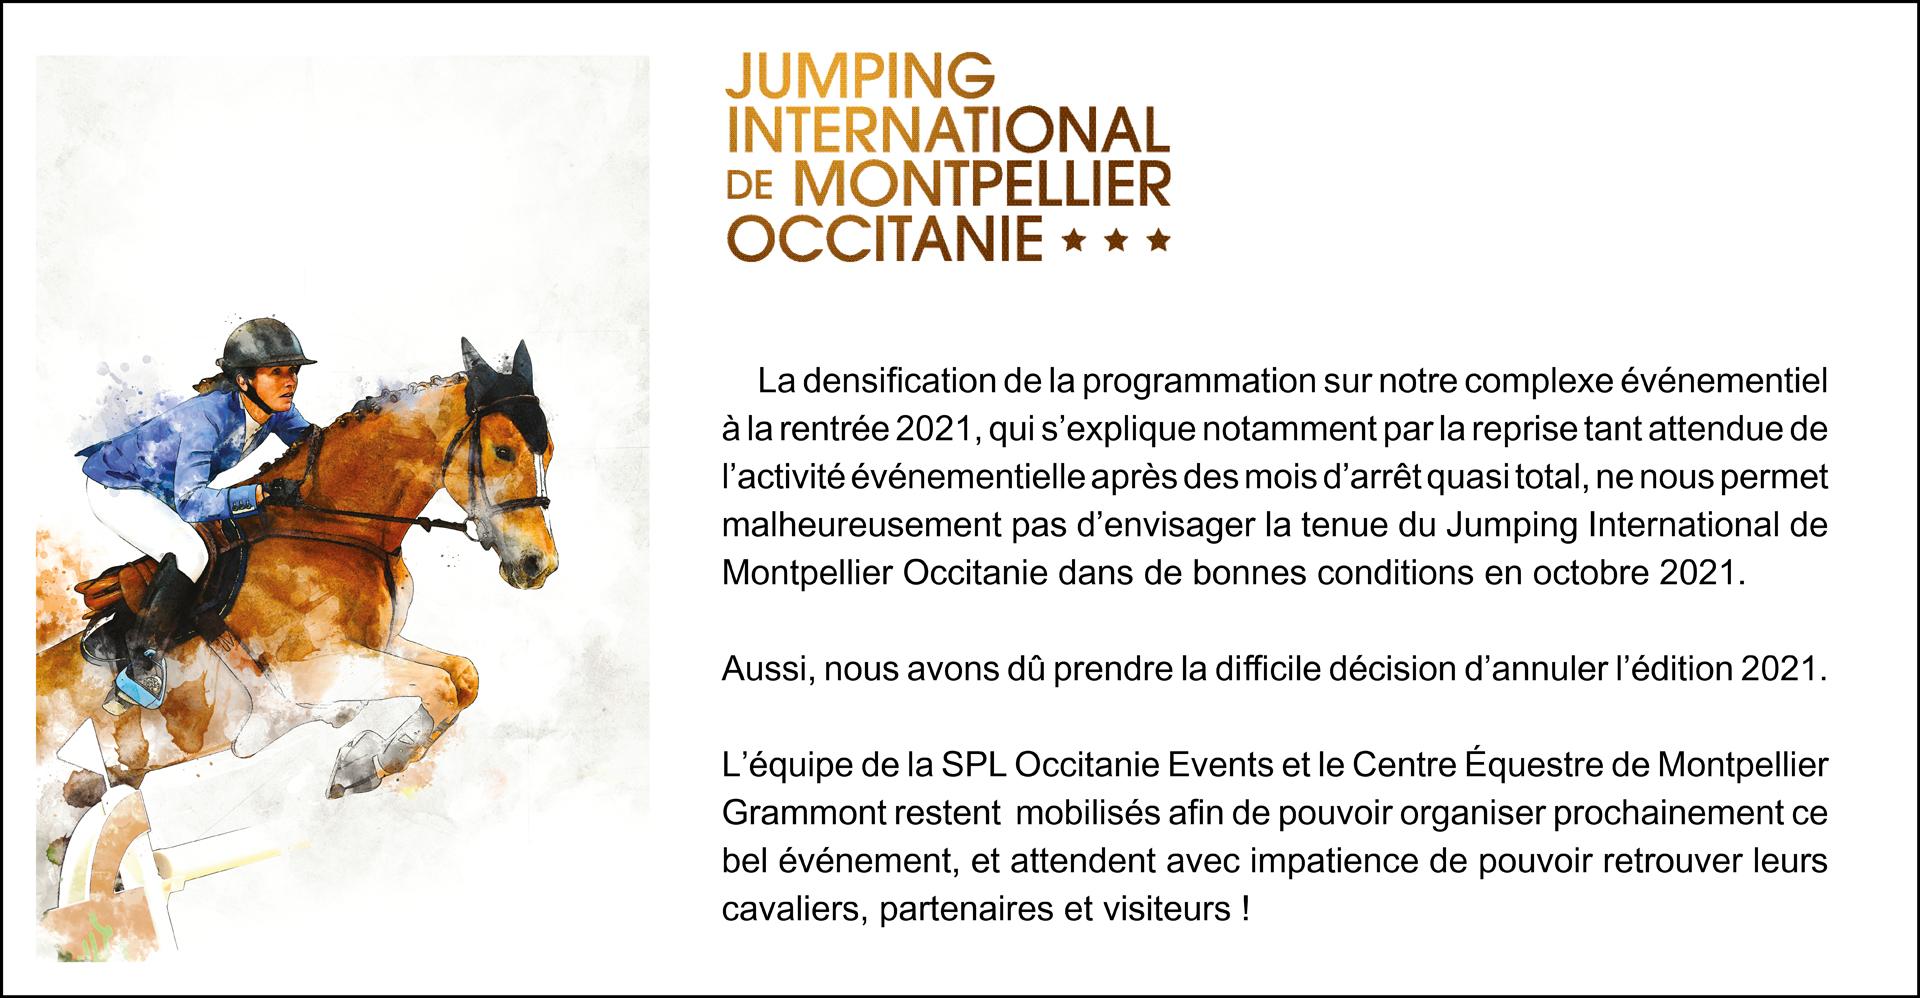 Jumping International de Montpellier 2021